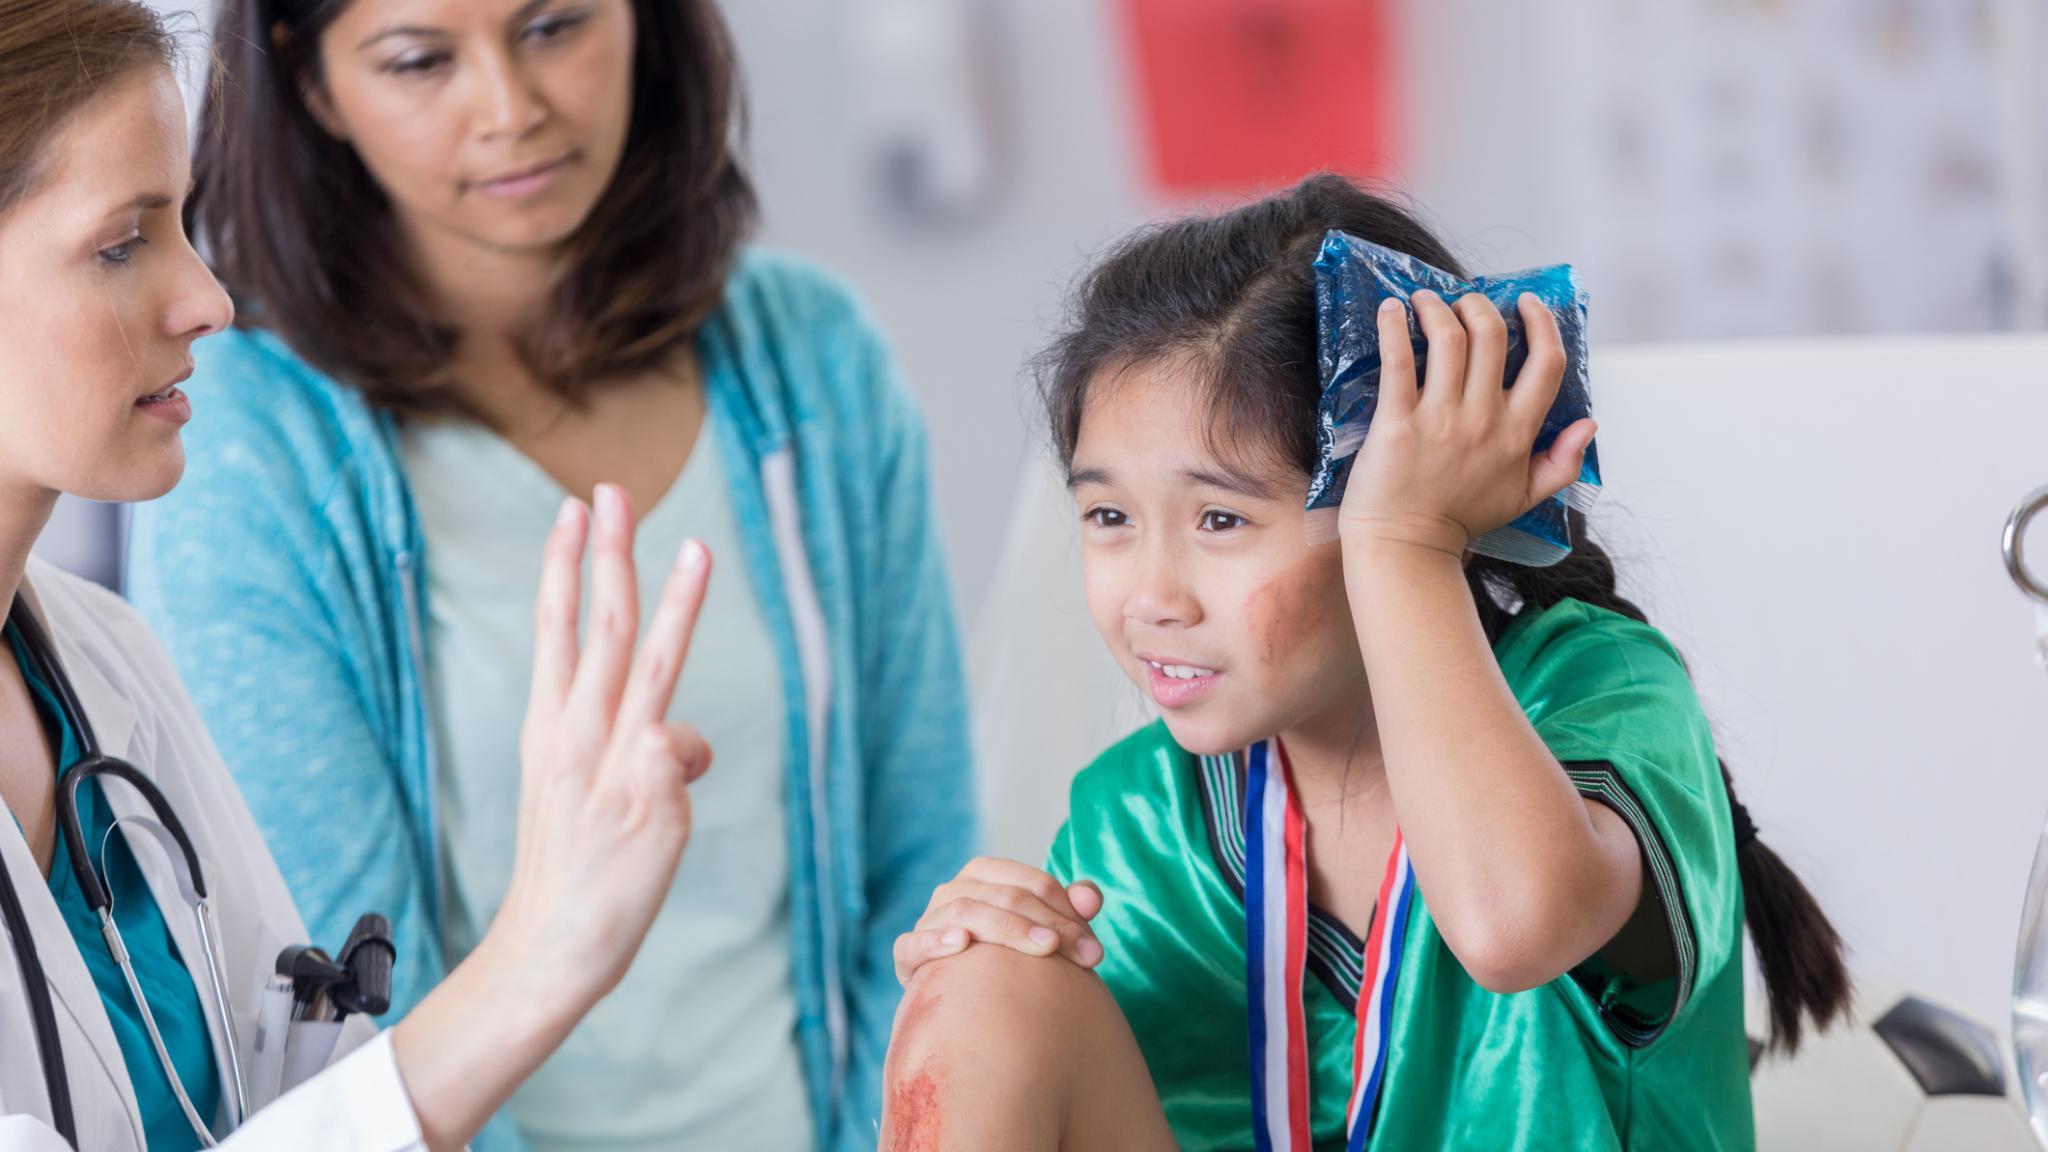 Тяжелые травмы головы повысили риск развития СДВГ у детей